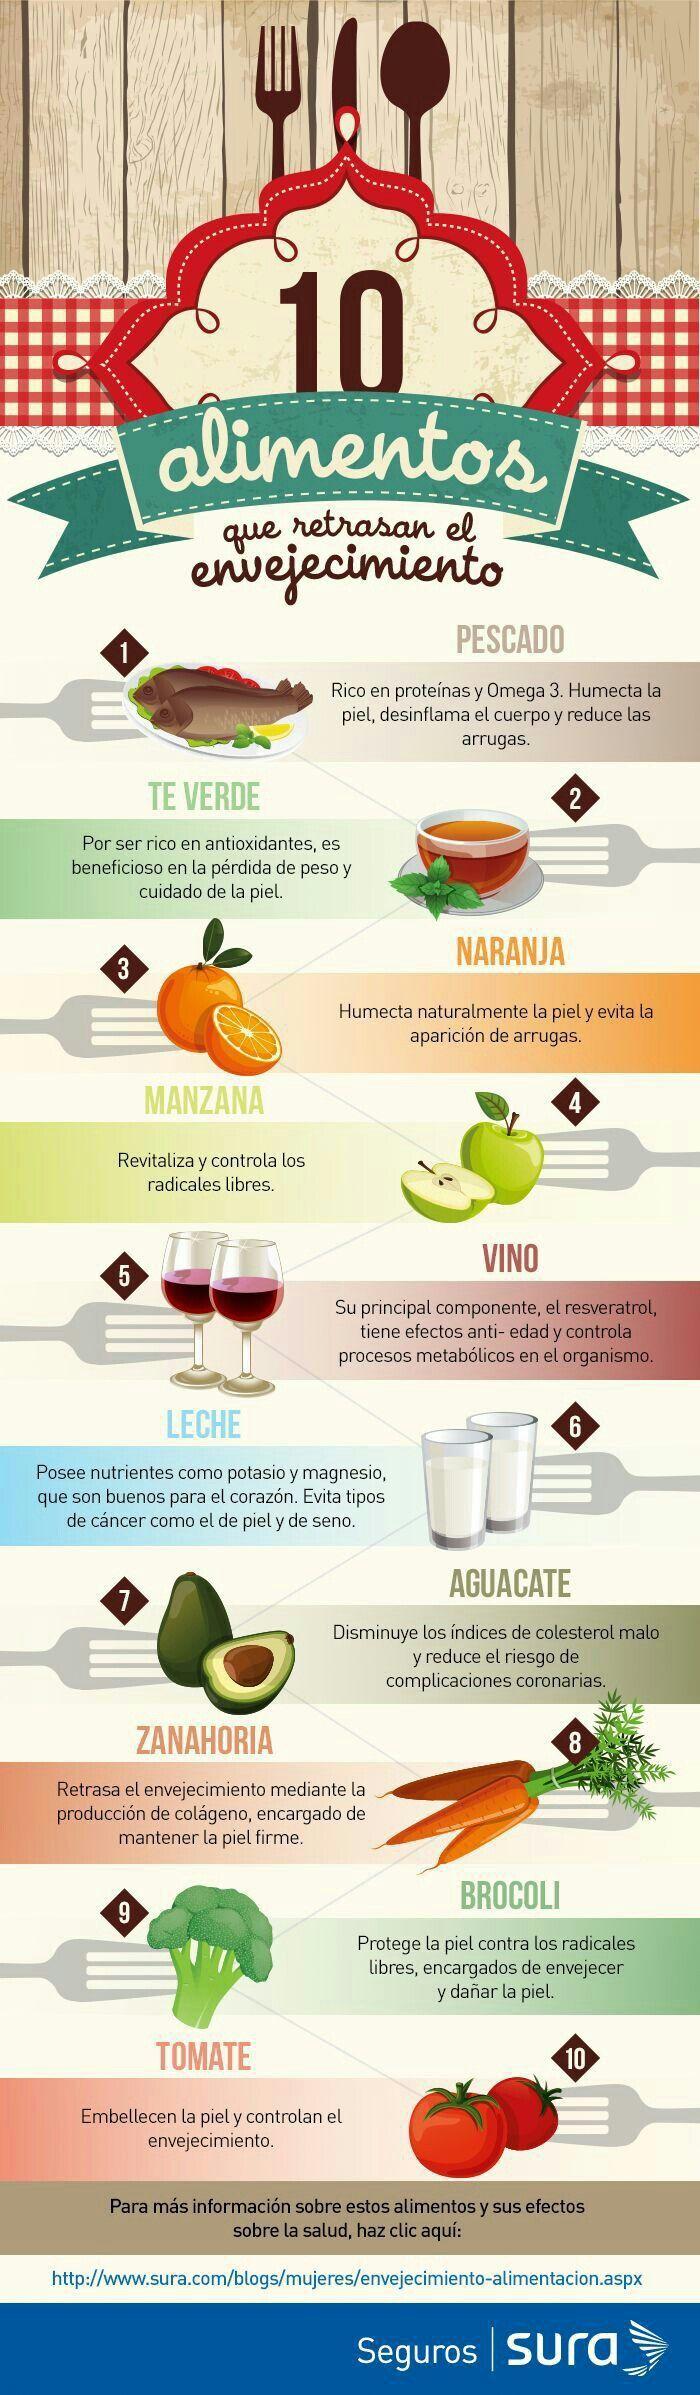 Alimentos antienvejecimiento. Entrenador Personal en Madrid. www.rubenentrenador.com